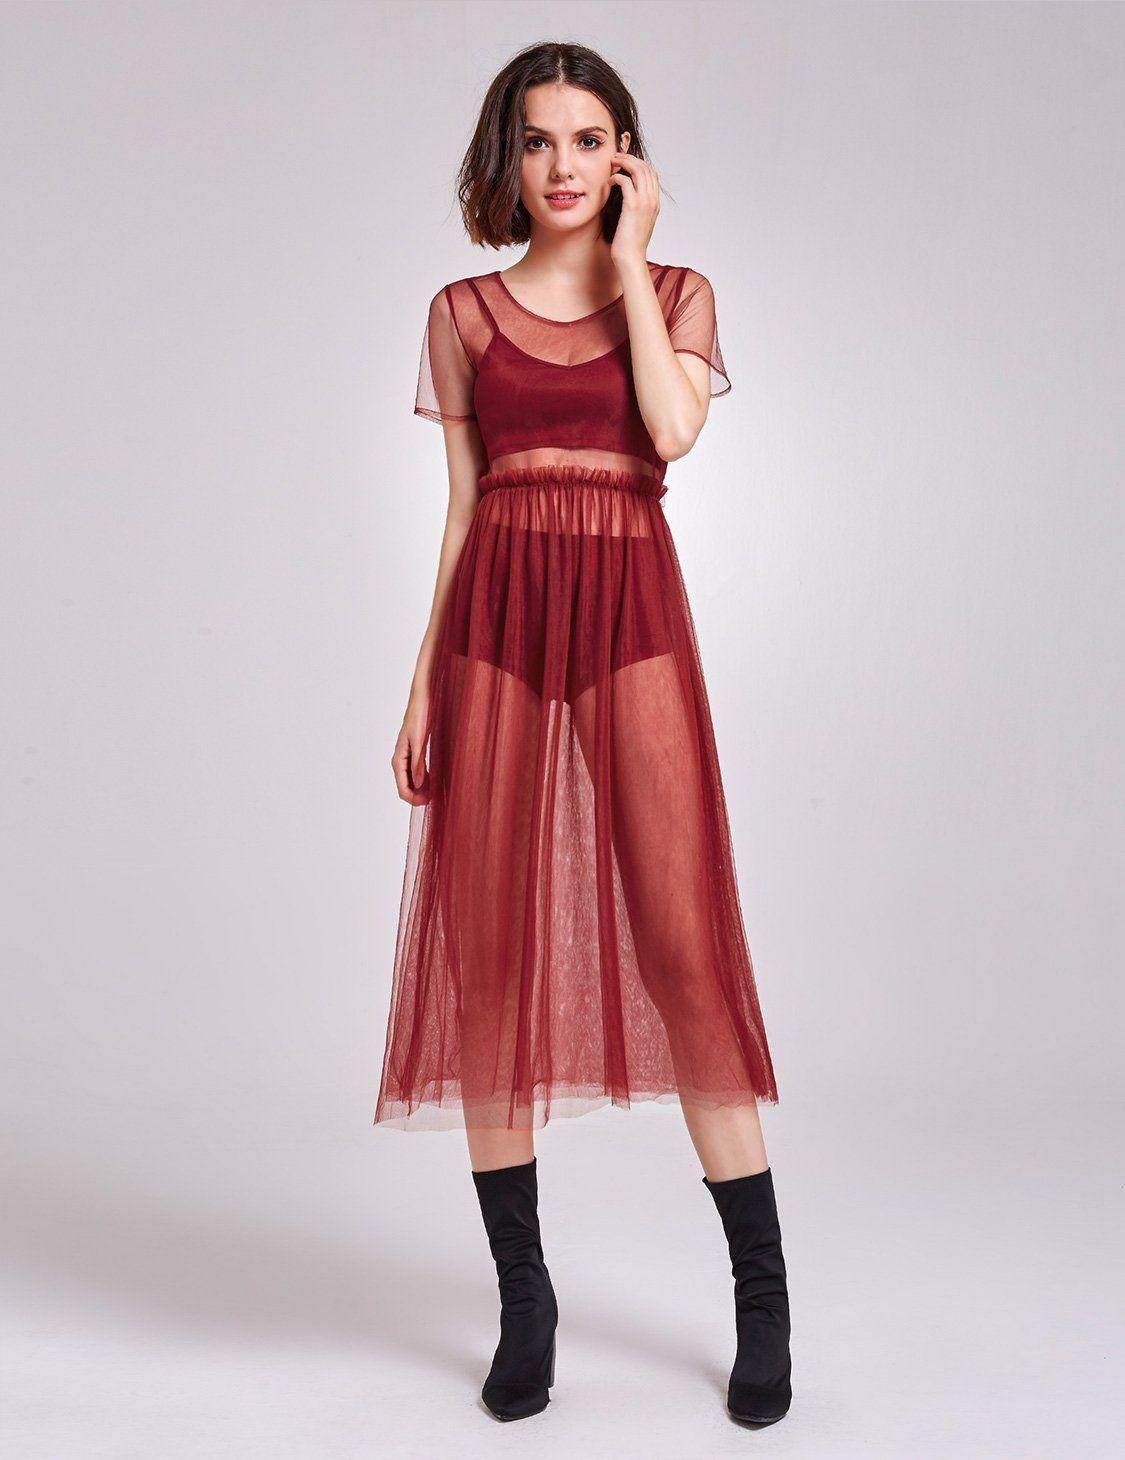 Alisa Pan Short Sleeve Sheer Layer Dress in 2020 Dresses